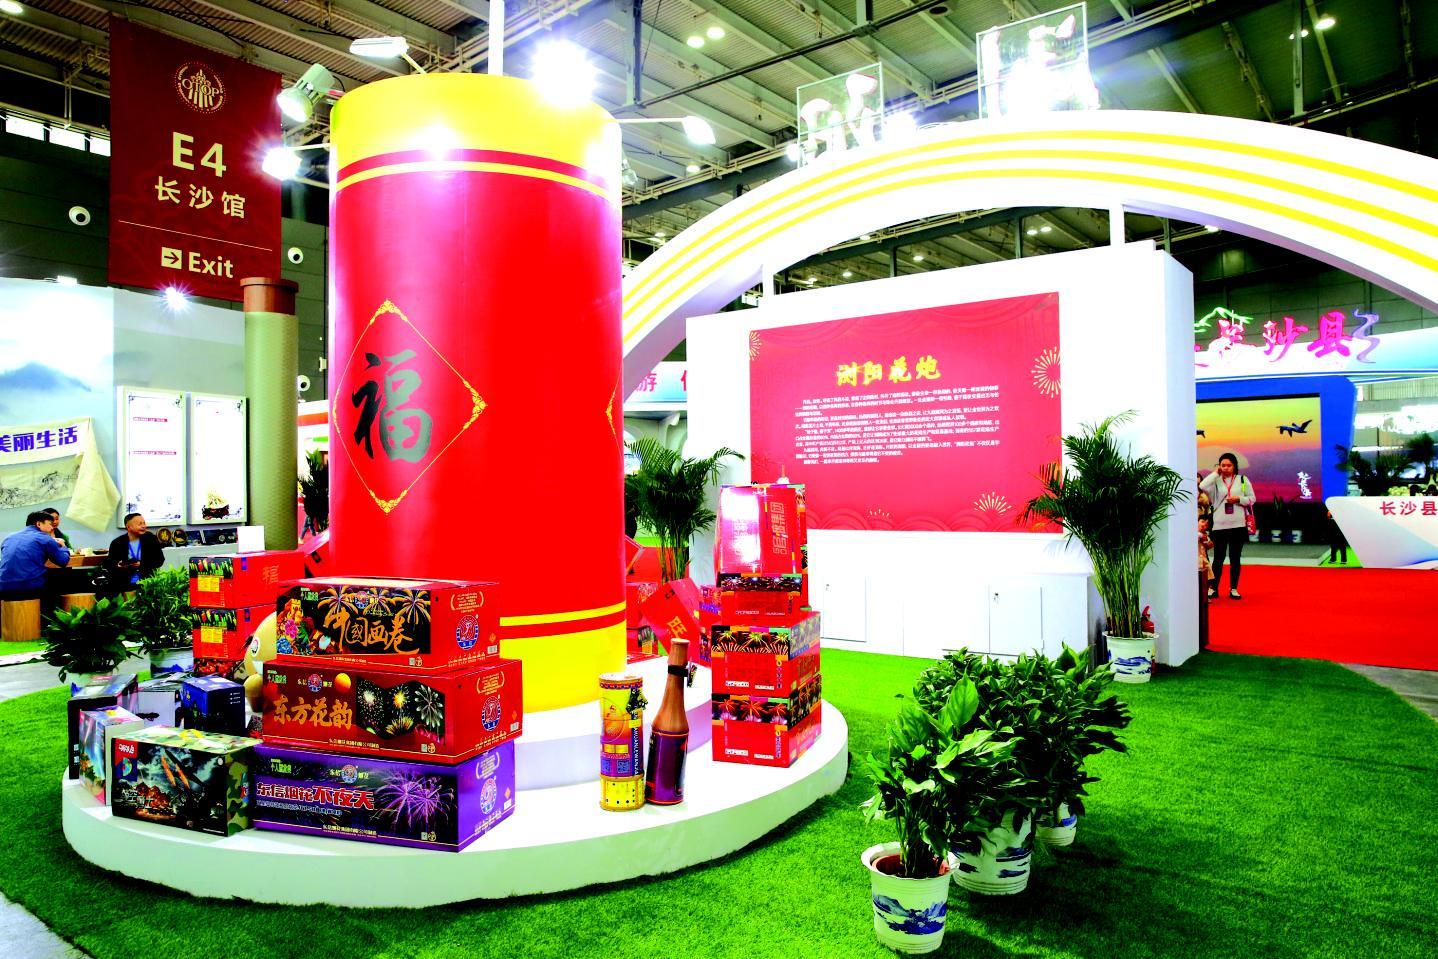 澳门威尼斯人官方花炮亮相一乡一品国际商品博览会